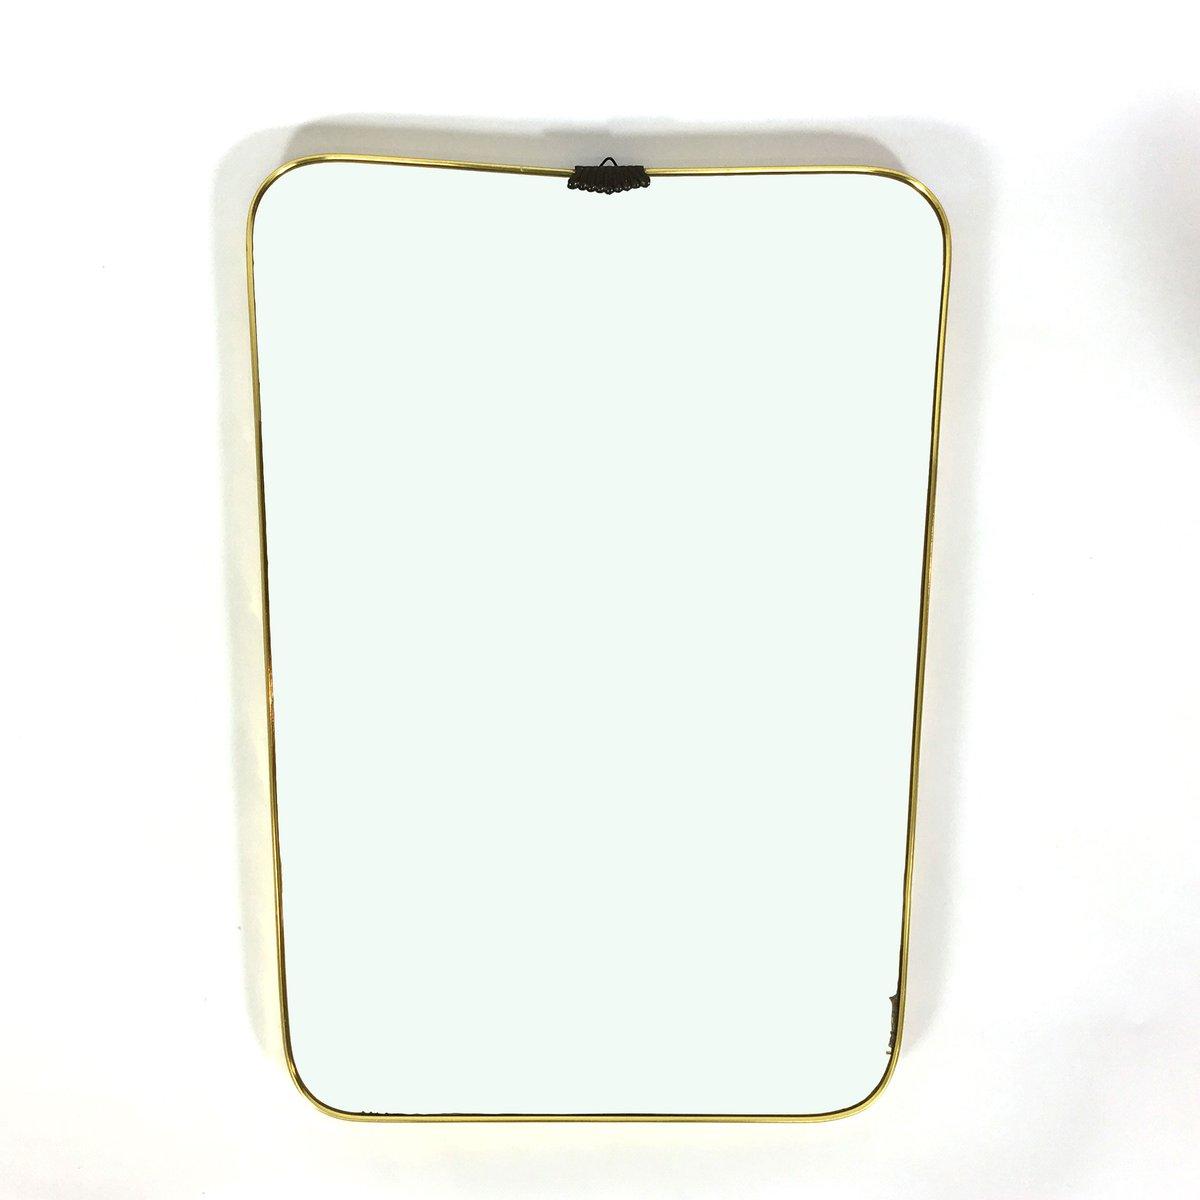 Specchio anni 50 idea d 39 immagine di decorazione - Specchio anni 50 ...